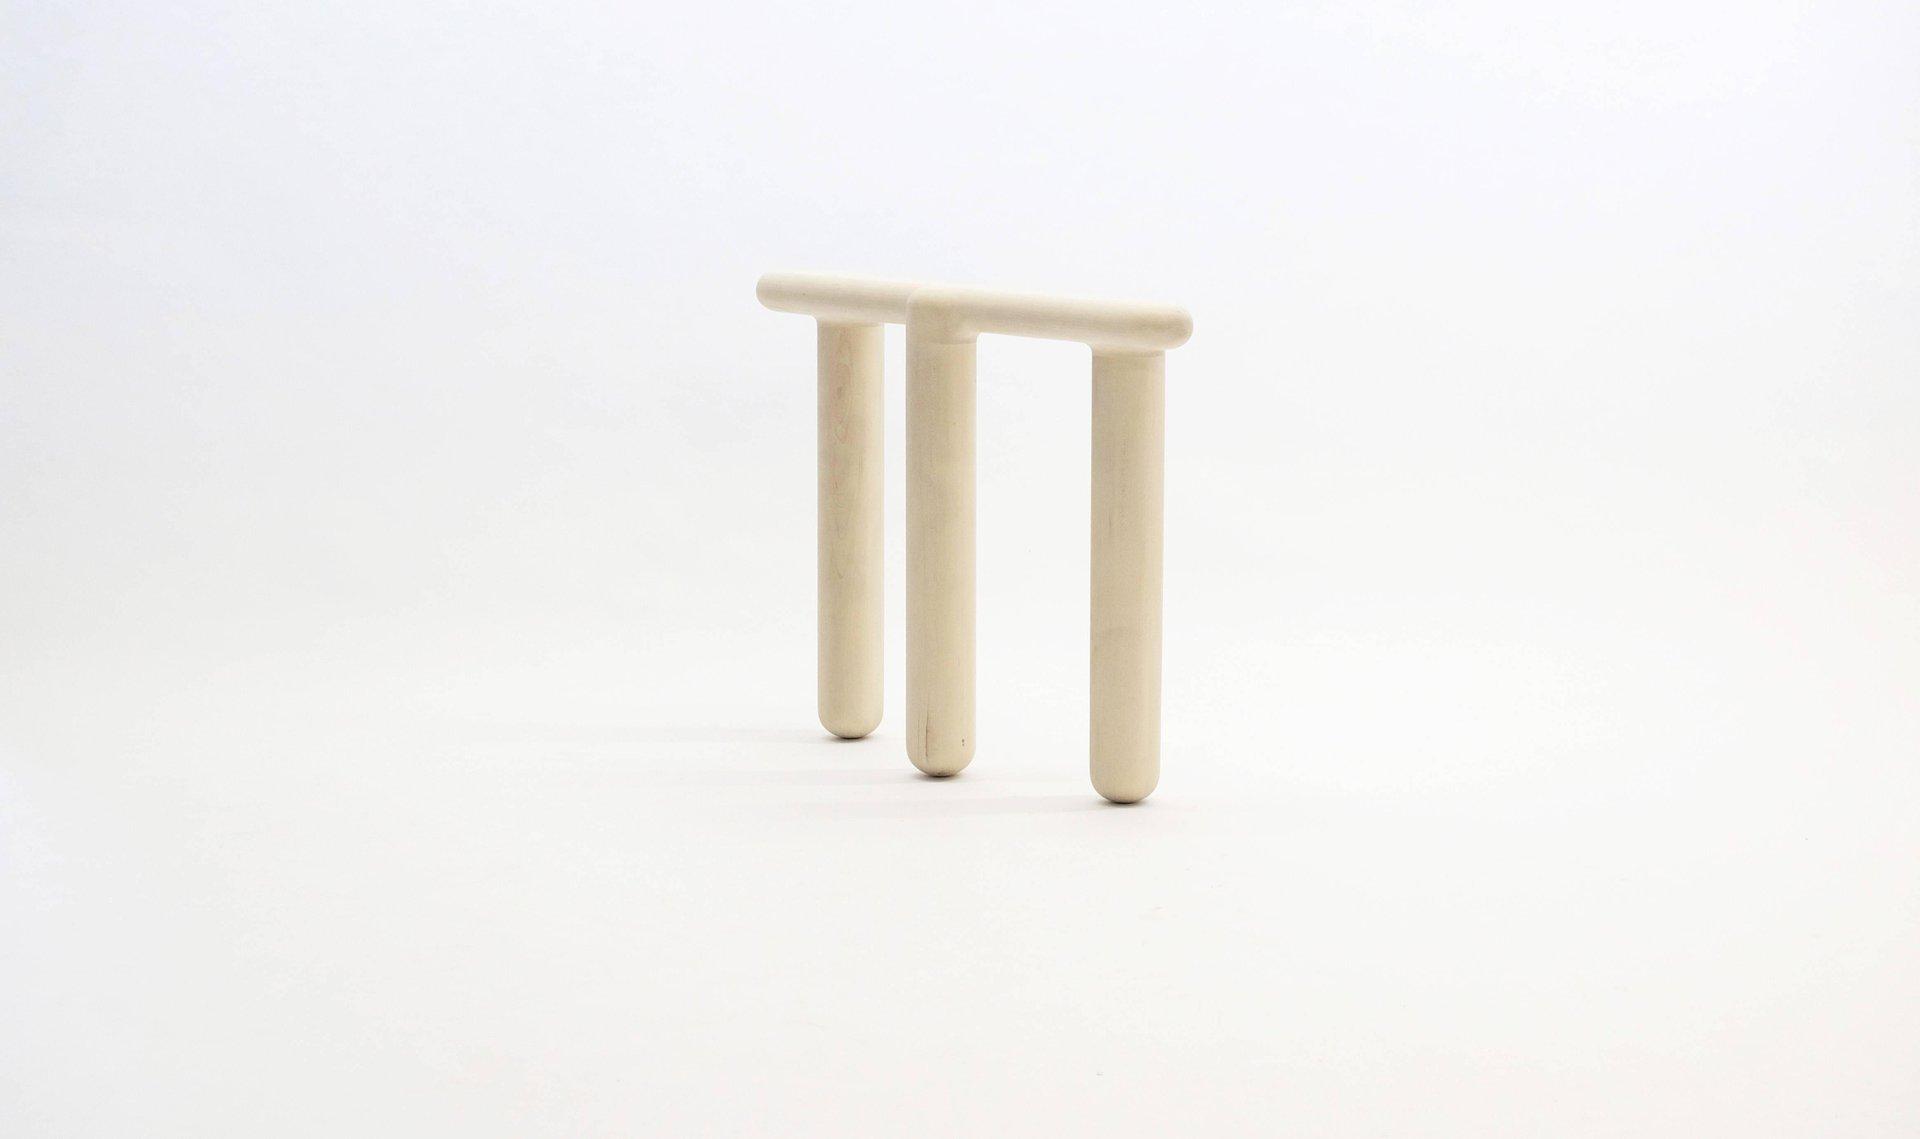 Sgabello bone ix lavorato a mano di loic bard in vendita su pamono